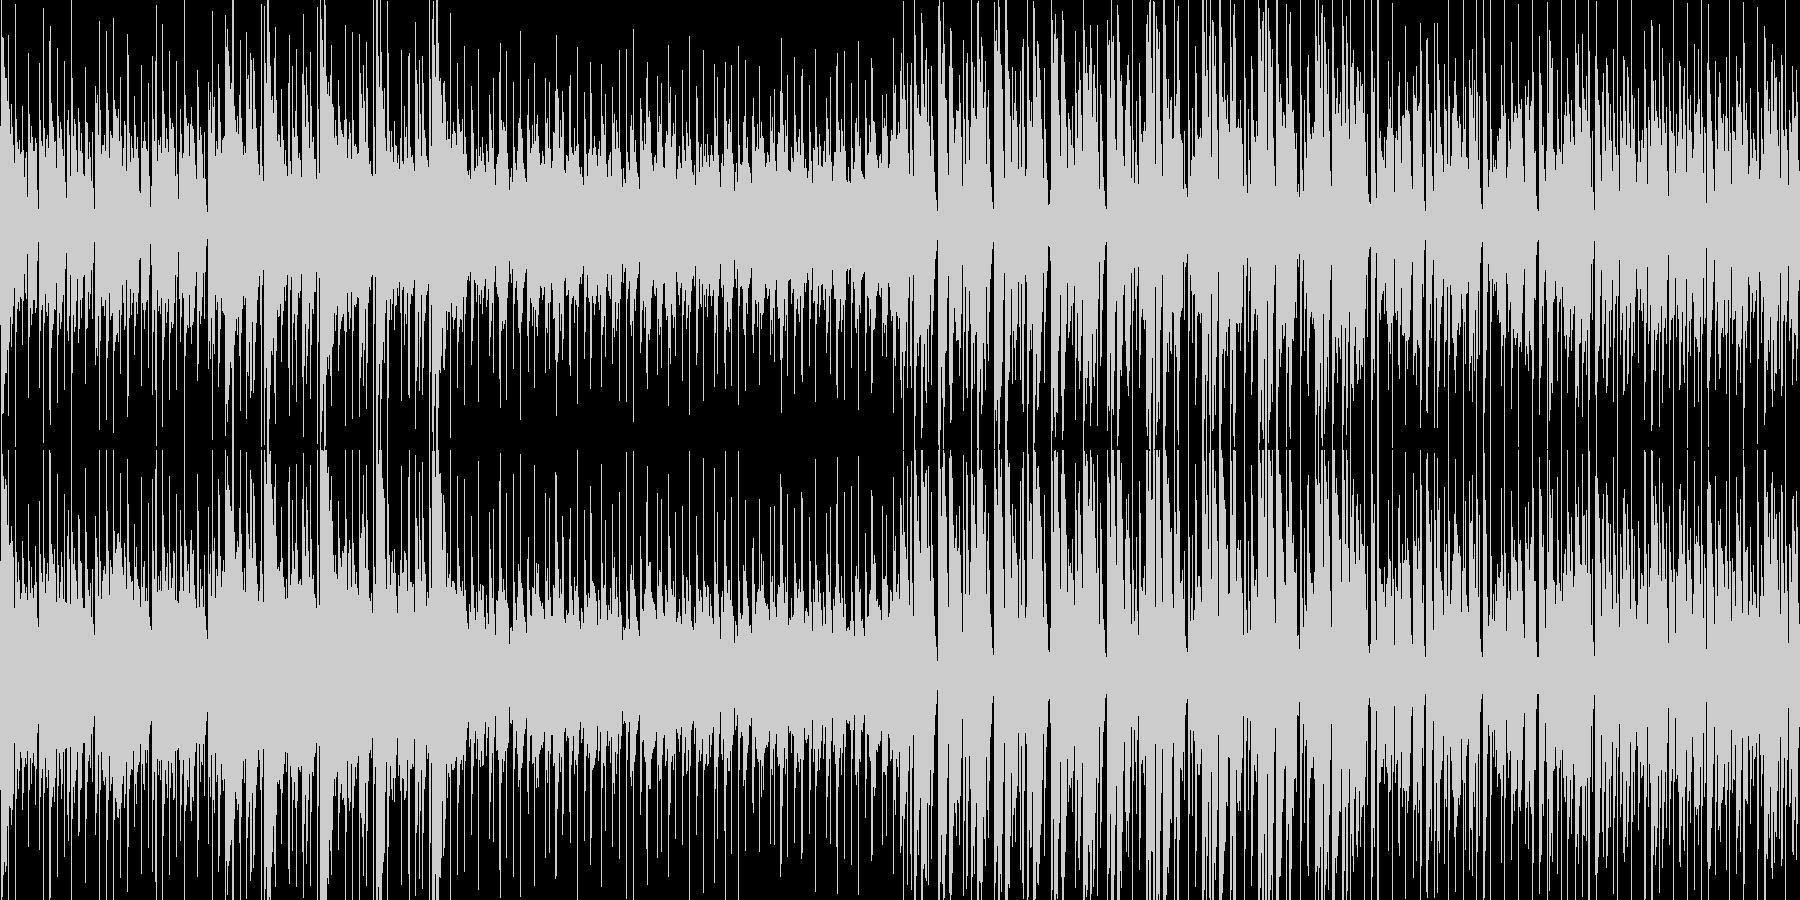 哀愁漂う軽快なラテン系民族音楽の未再生の波形